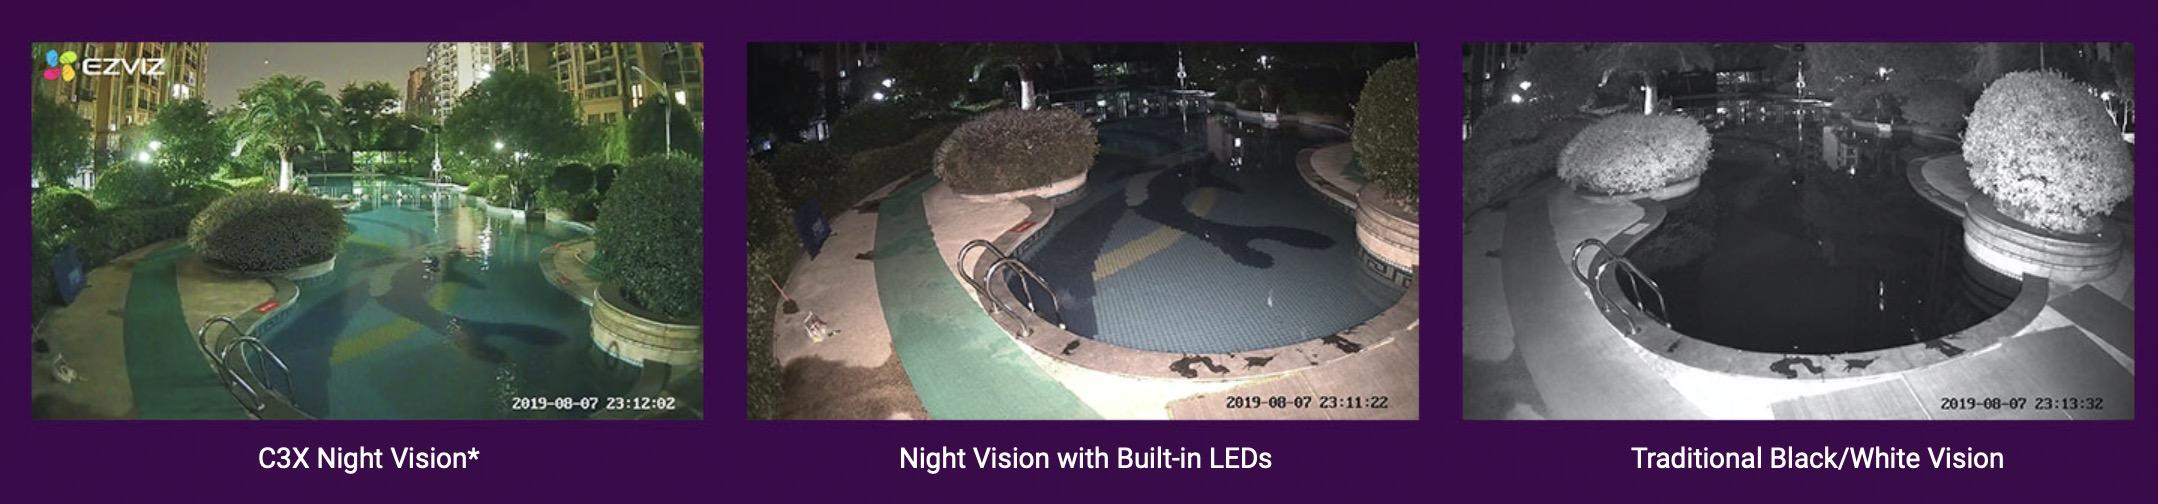 EZVIZ color night vision comparison